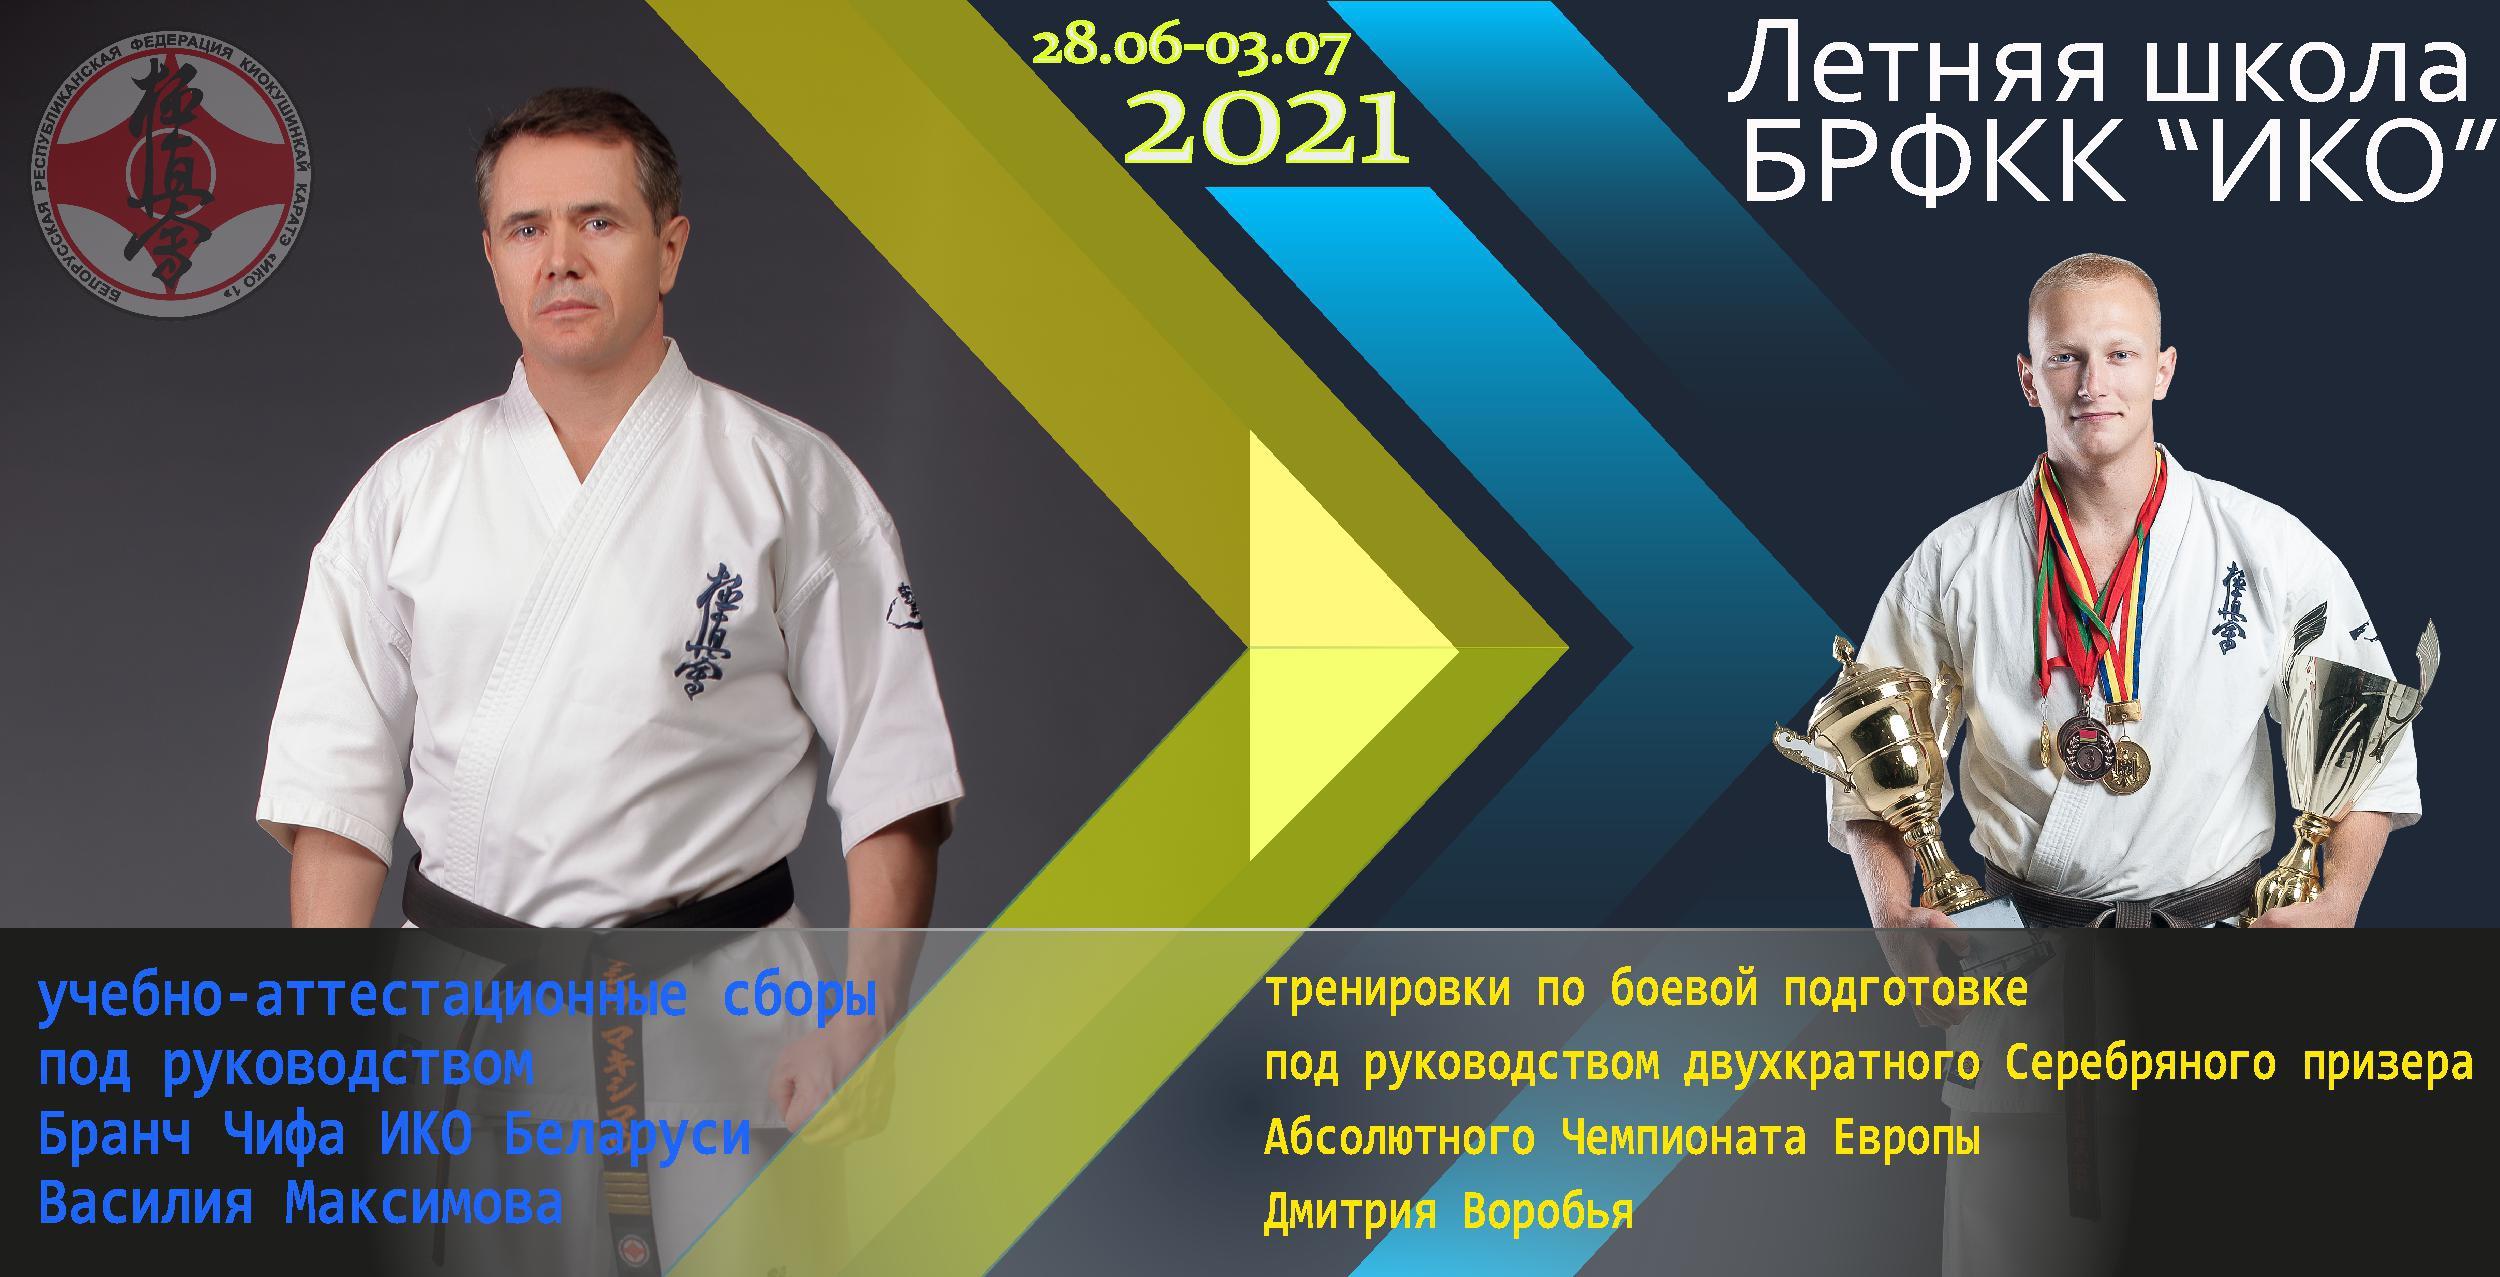 Летний республиканский учебно-аттестационный лагерь ОО «Белорусской республиканской федерации Киокушинкай каратэ «IKO 1»